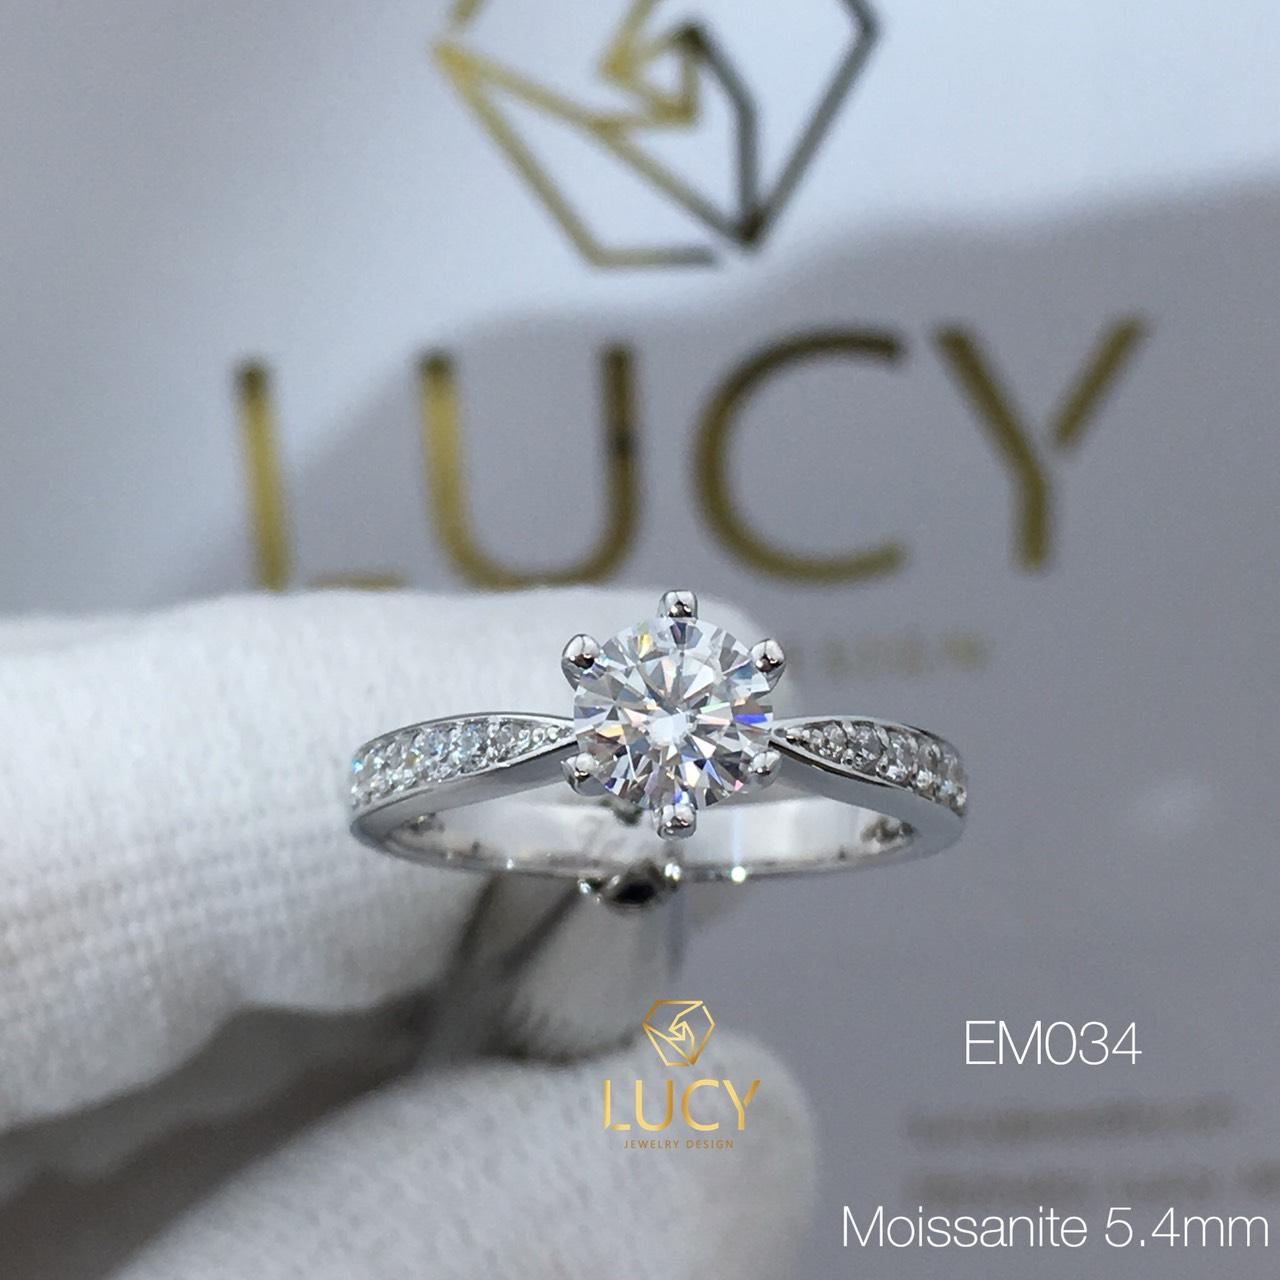 EM034 Nhẫn nữ thiết kế, nhẫn ổ cao 5mm 5.4mm, nhẫn cầu hôn, nhẫn đính hôn, nhẫn nữ vàng - Lucy Jewelry